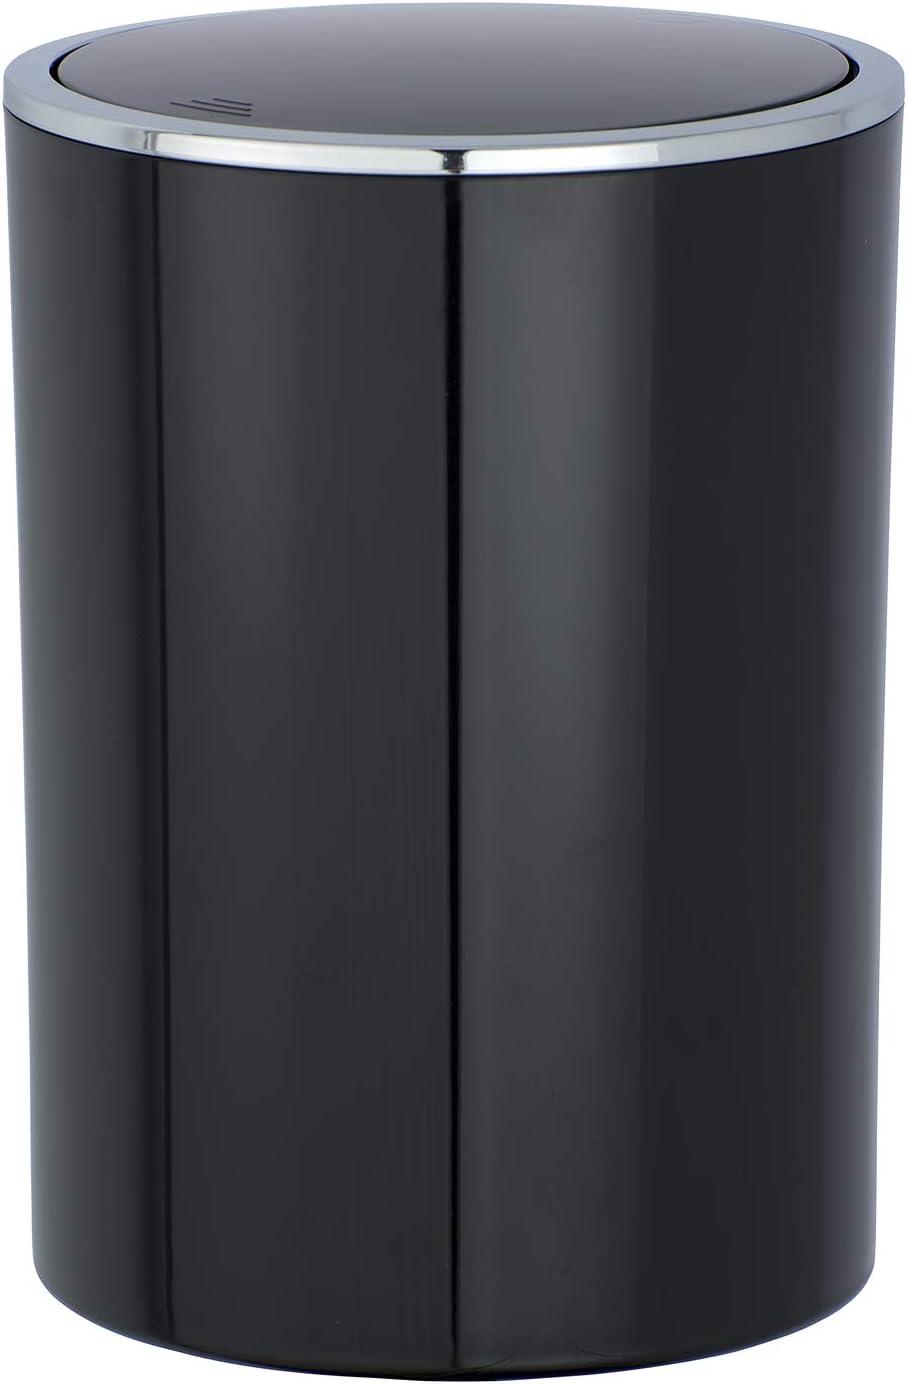 Wenko 22464100 Schwingdeckeleimer Candy Abfallbehälter mit Schwingdeckel